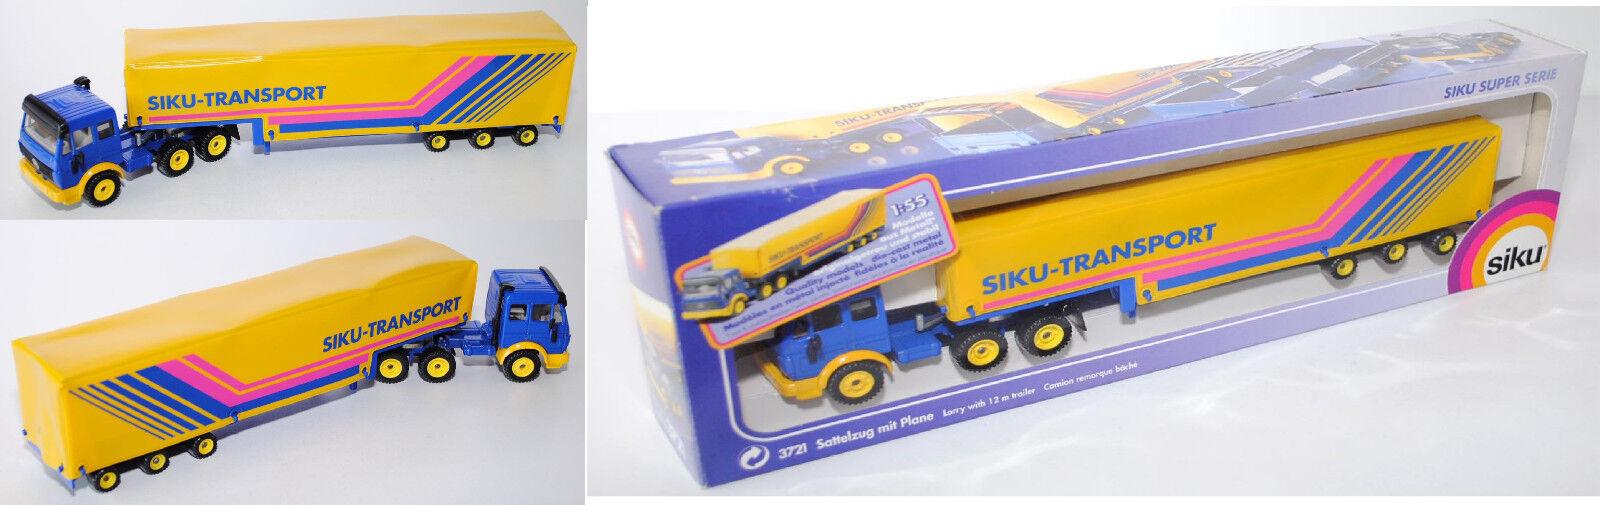 Siku súper 3721 mercedes-benz SK 2629 conducirse con lona, siku-Transporte